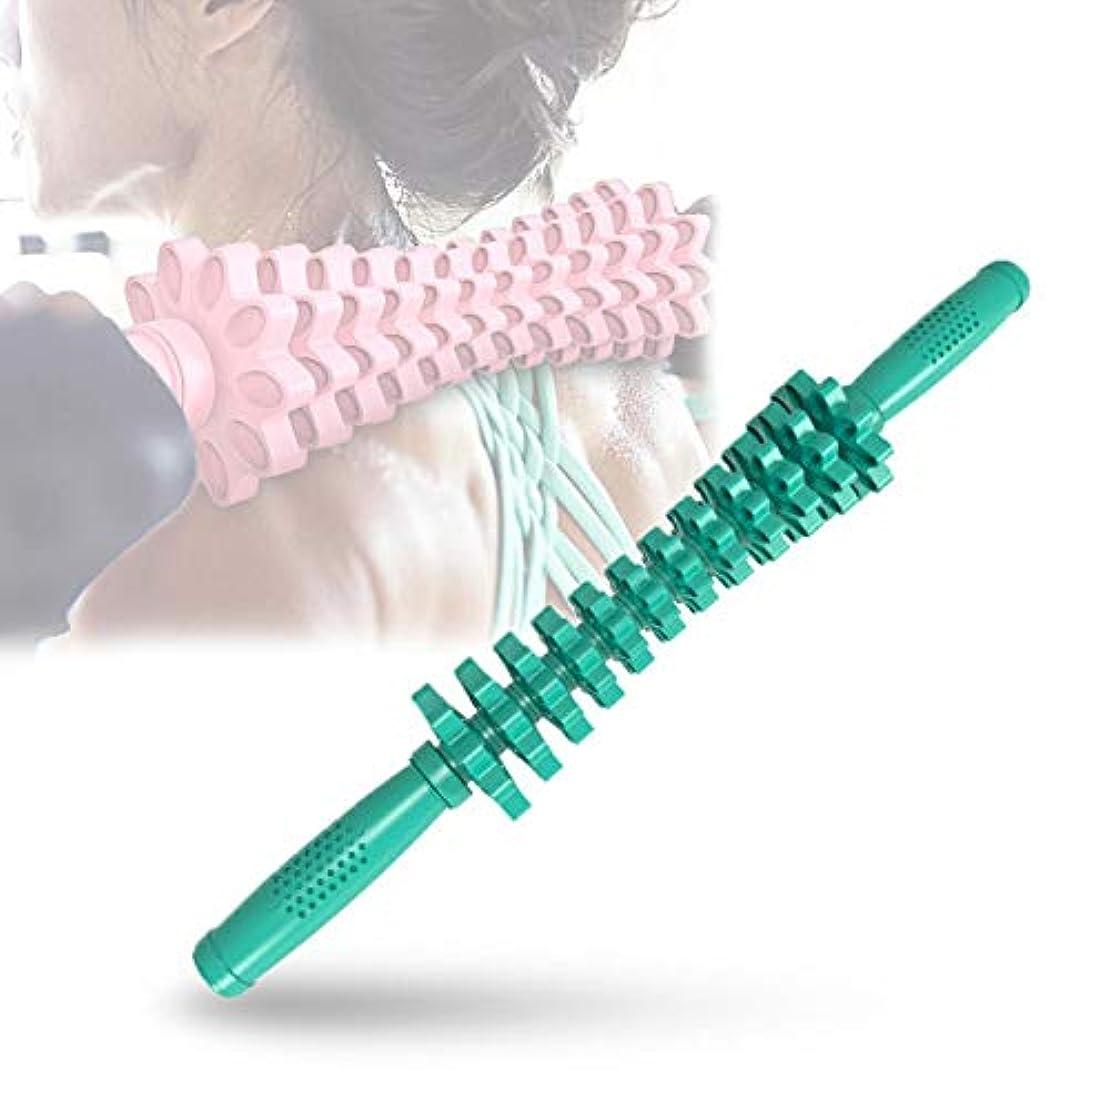 半球マガジン憤るフォームローラー 筋肉マッサージおよび筋筋膜のトリガーポイント解放のためのギヤマッサージャーの取り外し可能なポリ塩化ビニールの快適な滑り止め,Green